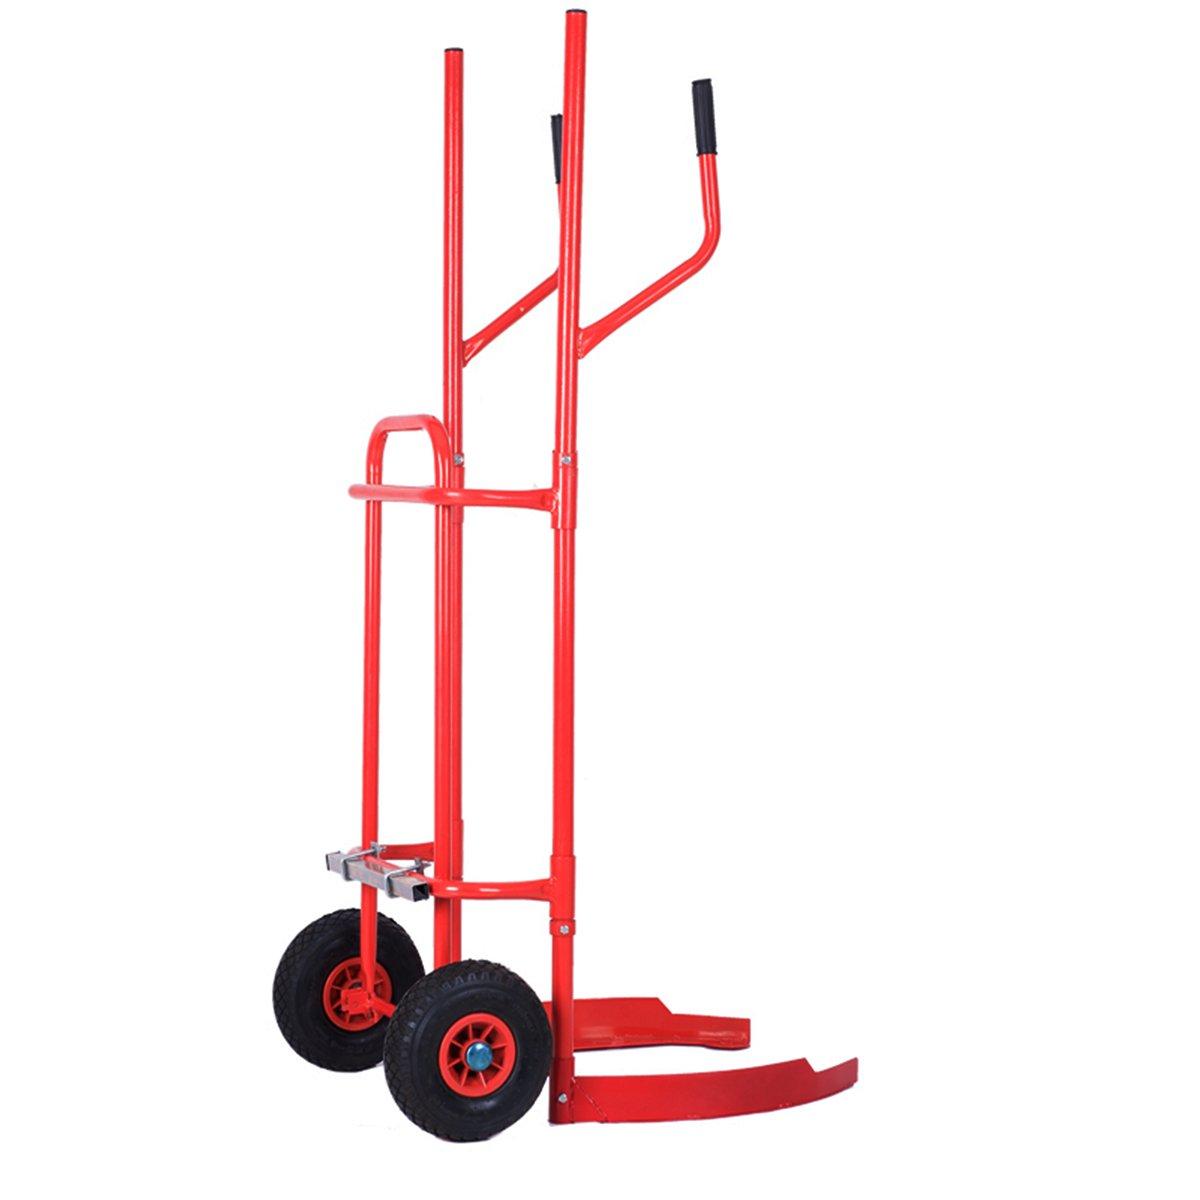 ZNL Reifenkarre Räderkarre Transportkarre Räder Reifen Reifentransportkarre Sackkarre HTC03  Überprüfung und Beschreibung